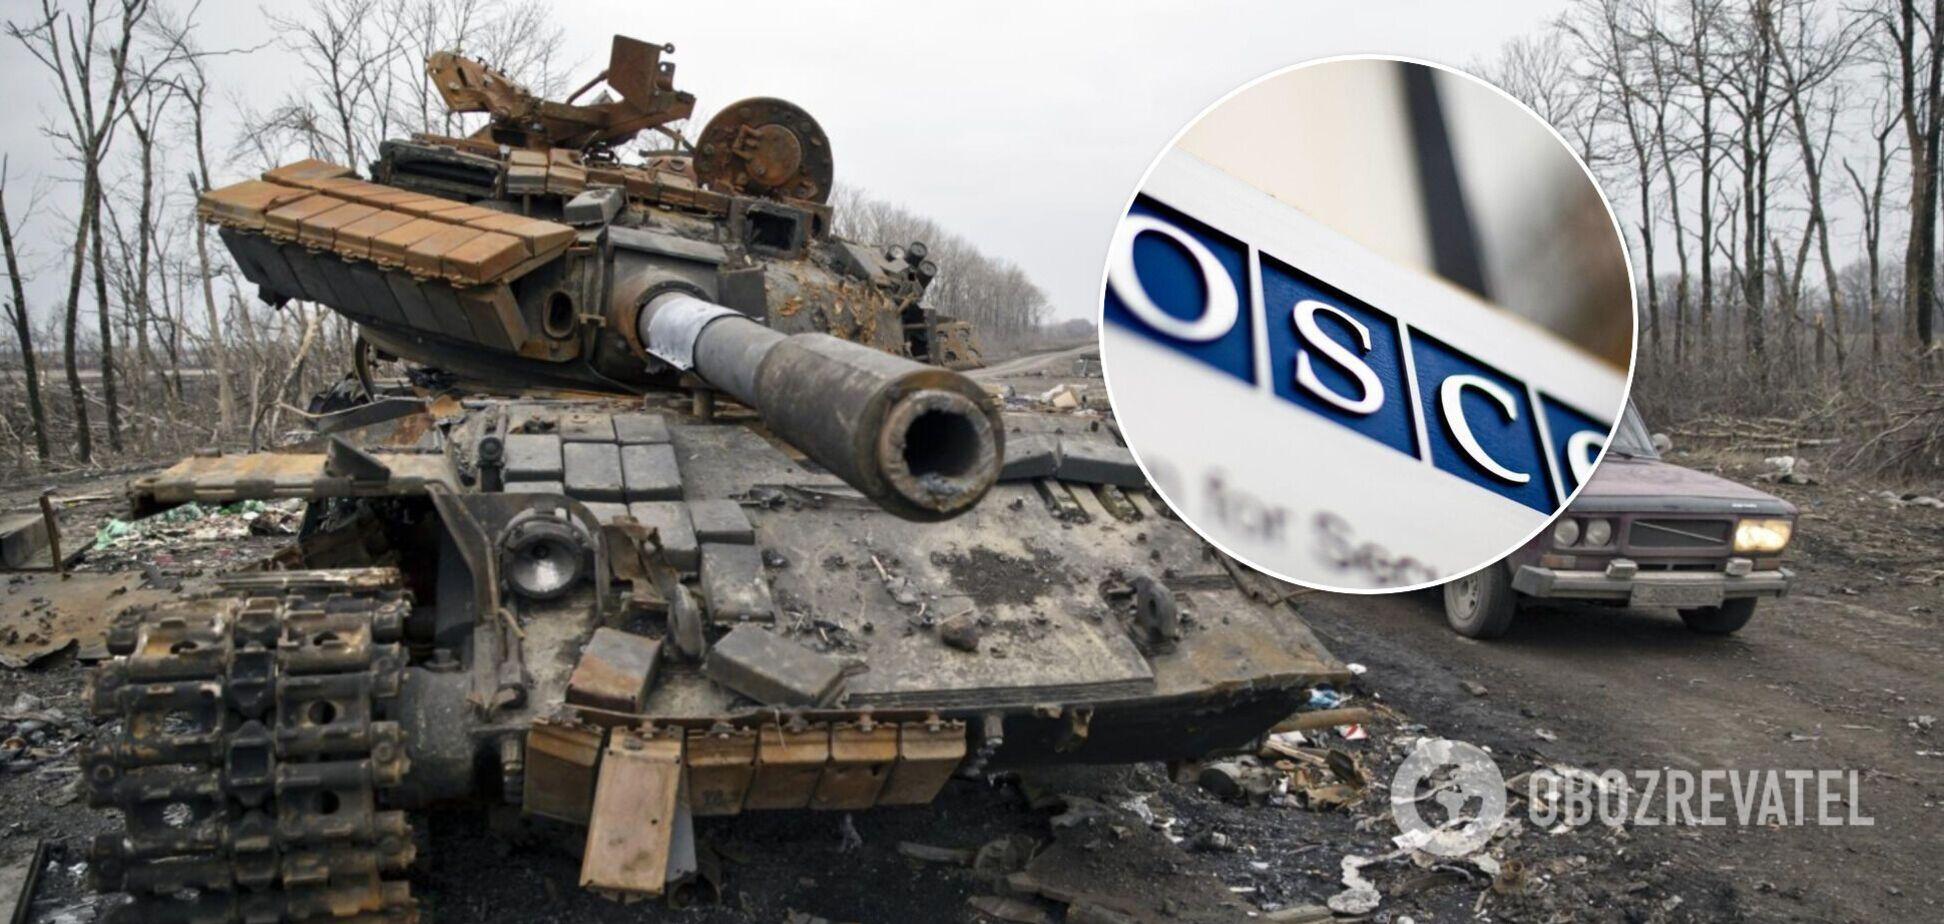 Генсек ОБСЕ призвала отвести вооружение на Донбассе и обеспечить доступ наблюдателям